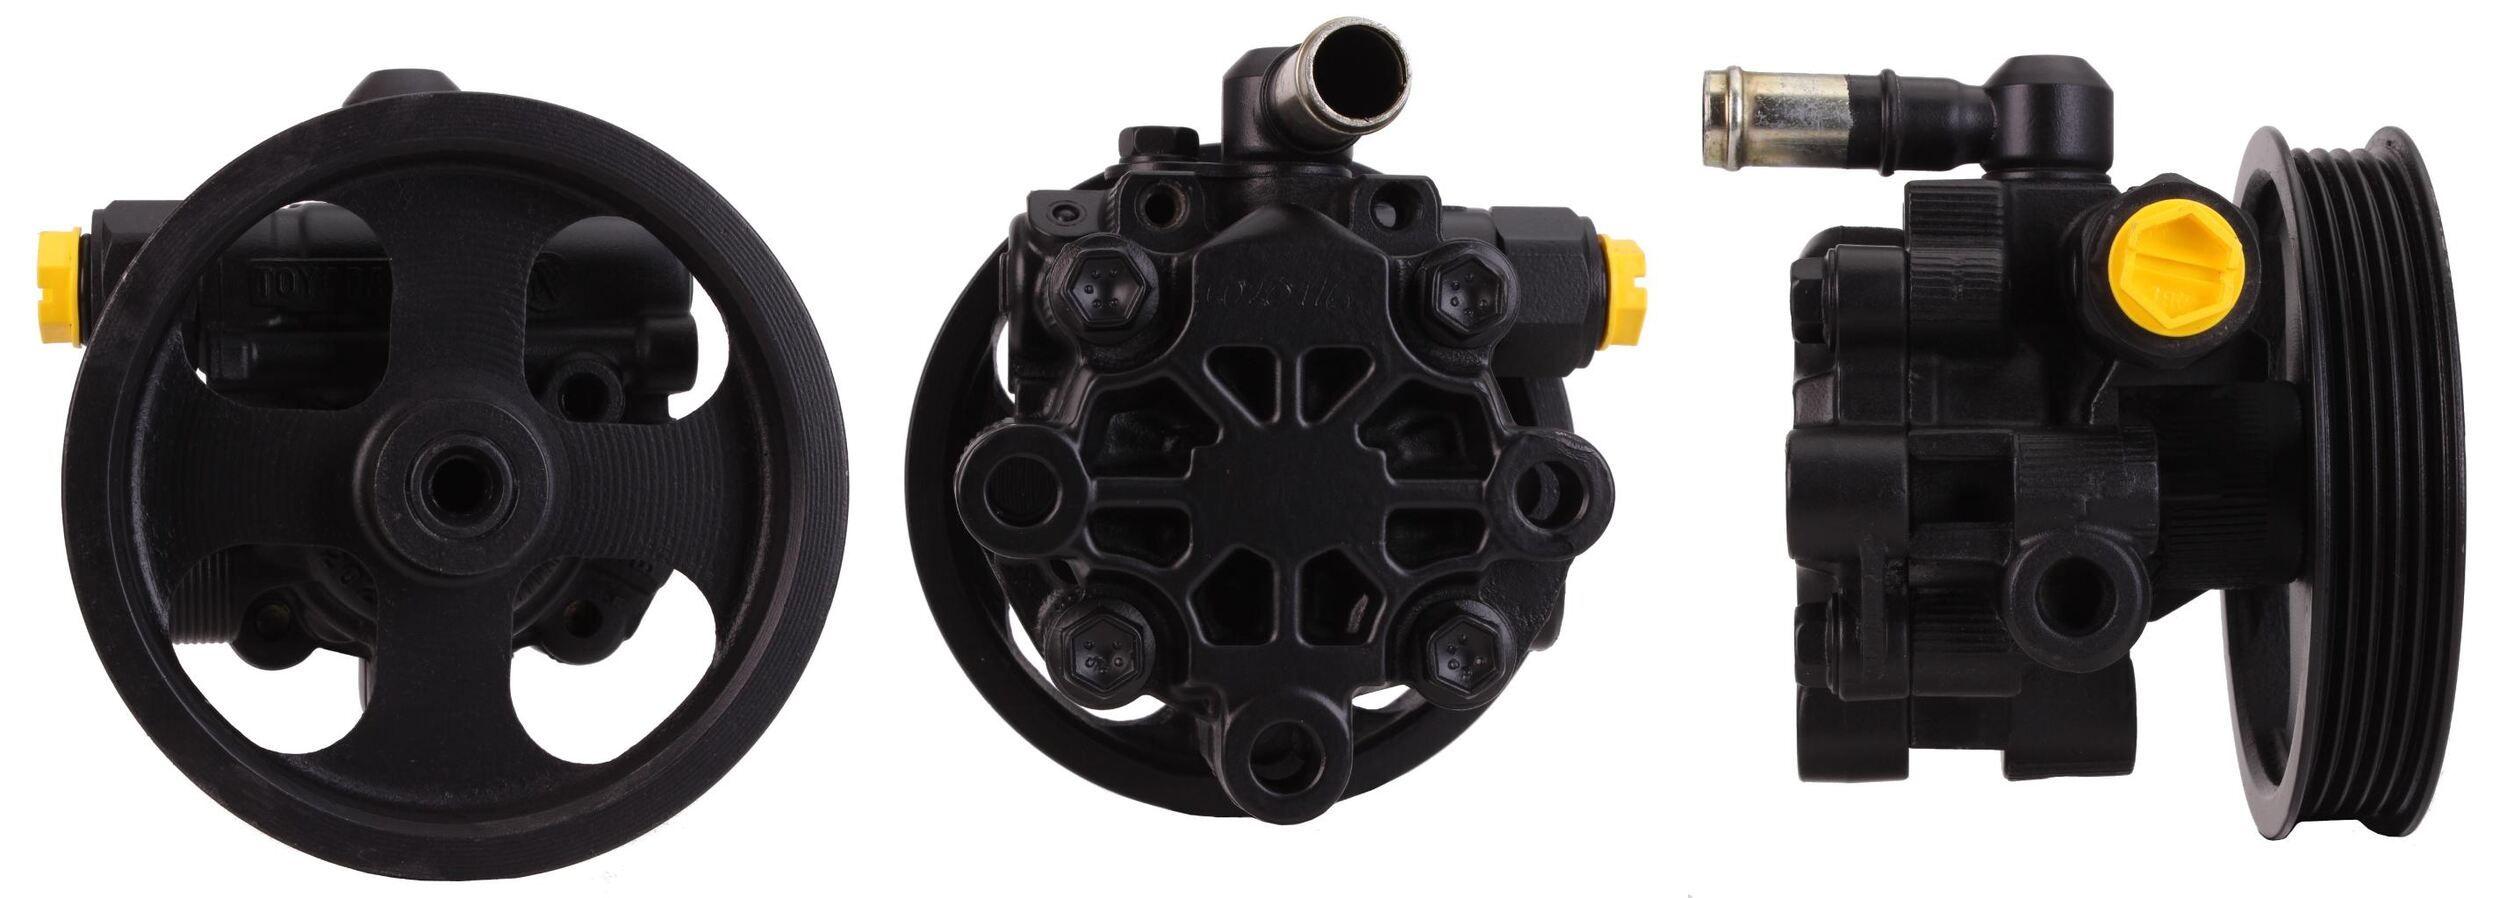 Power steering pump 15-0174 buy 24/7!